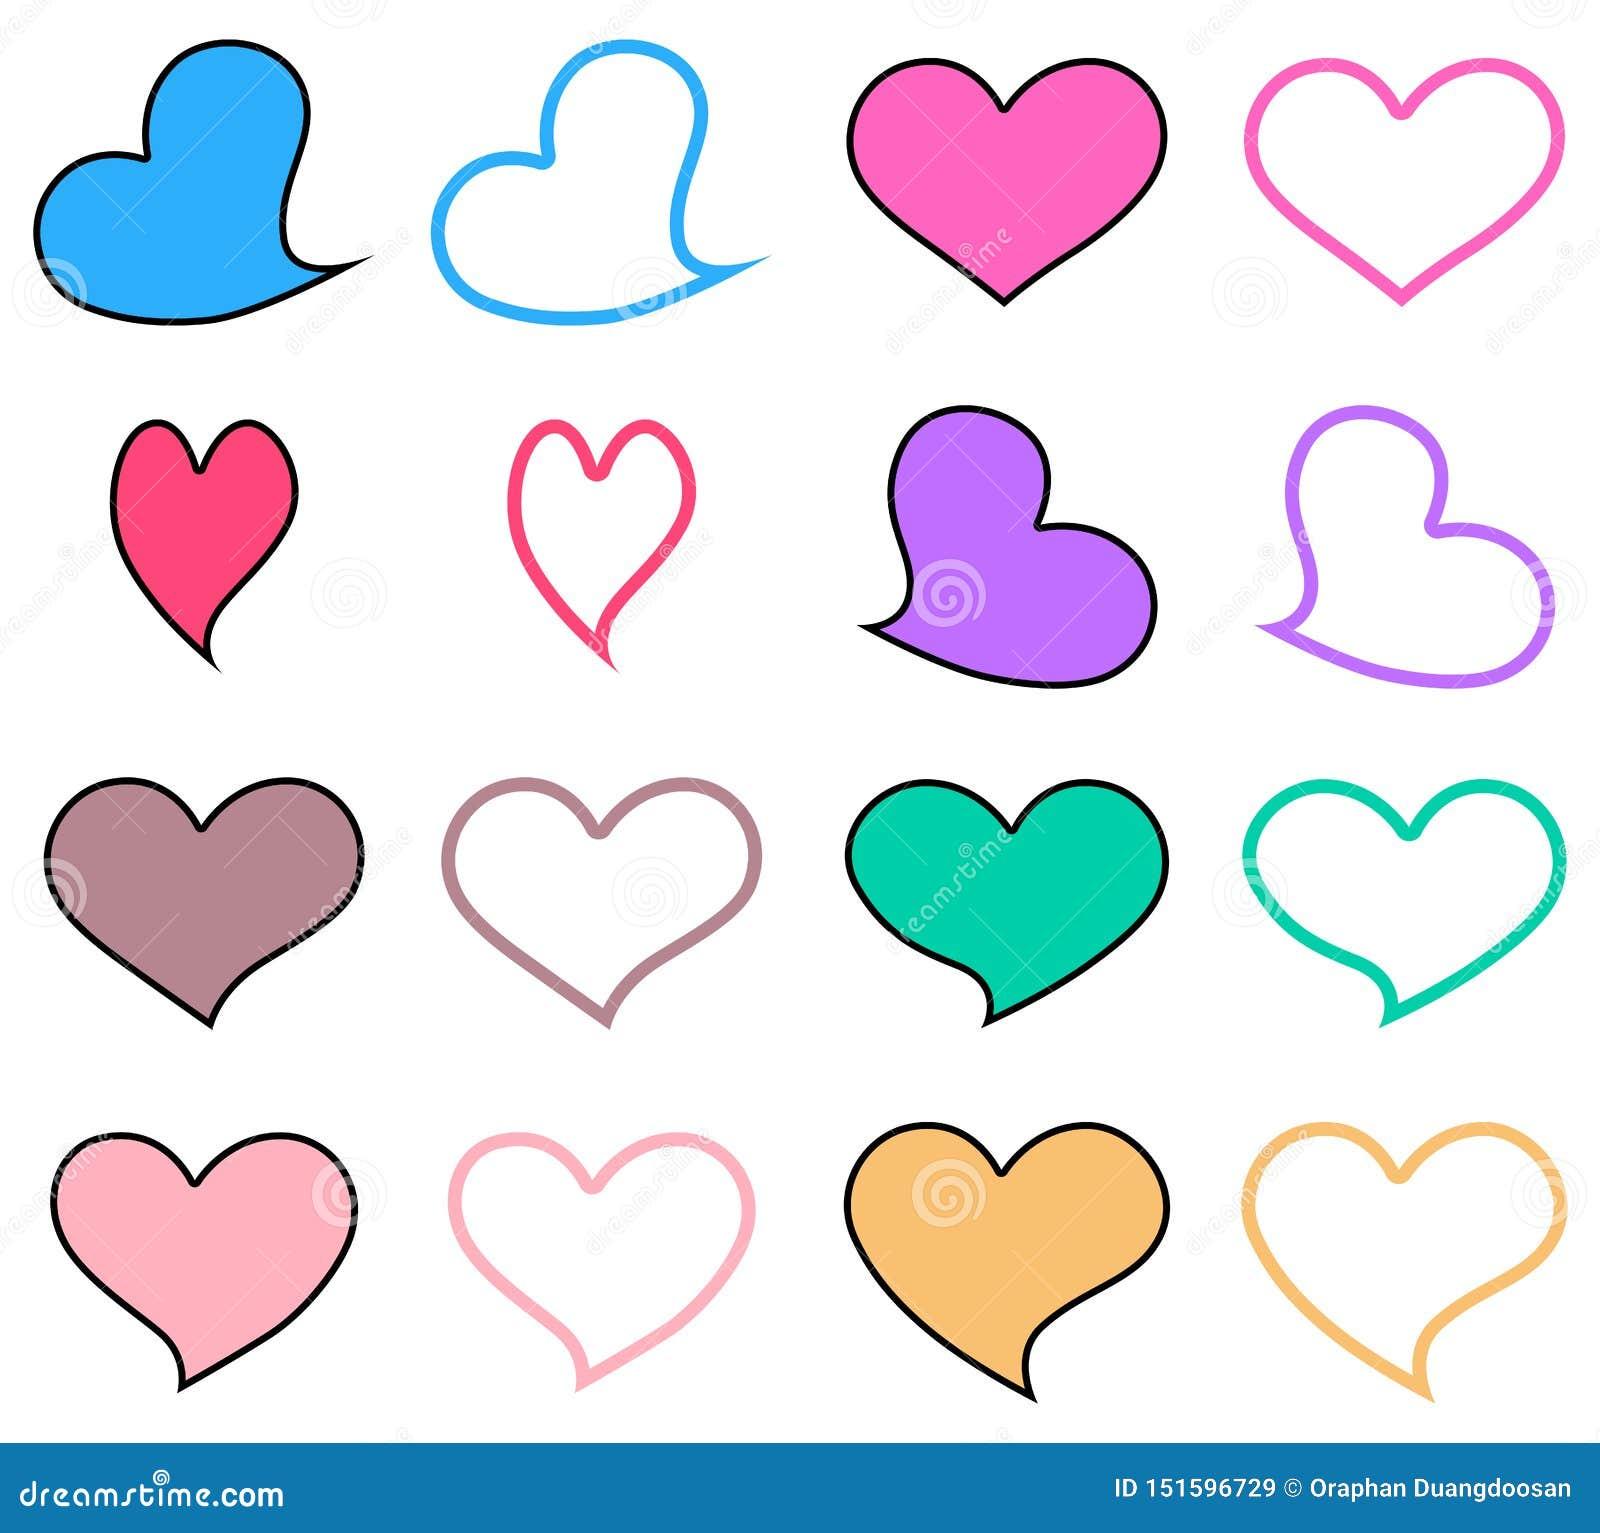 """""""Σύνολο εικονιδίων καρδιών κρητιδογραφιών Γραφικό σχέδιο στην έννοια της αγάπης χαριτωμένο έμβλημα αγάπης Διανυσματικό σύμβολο αγ"""